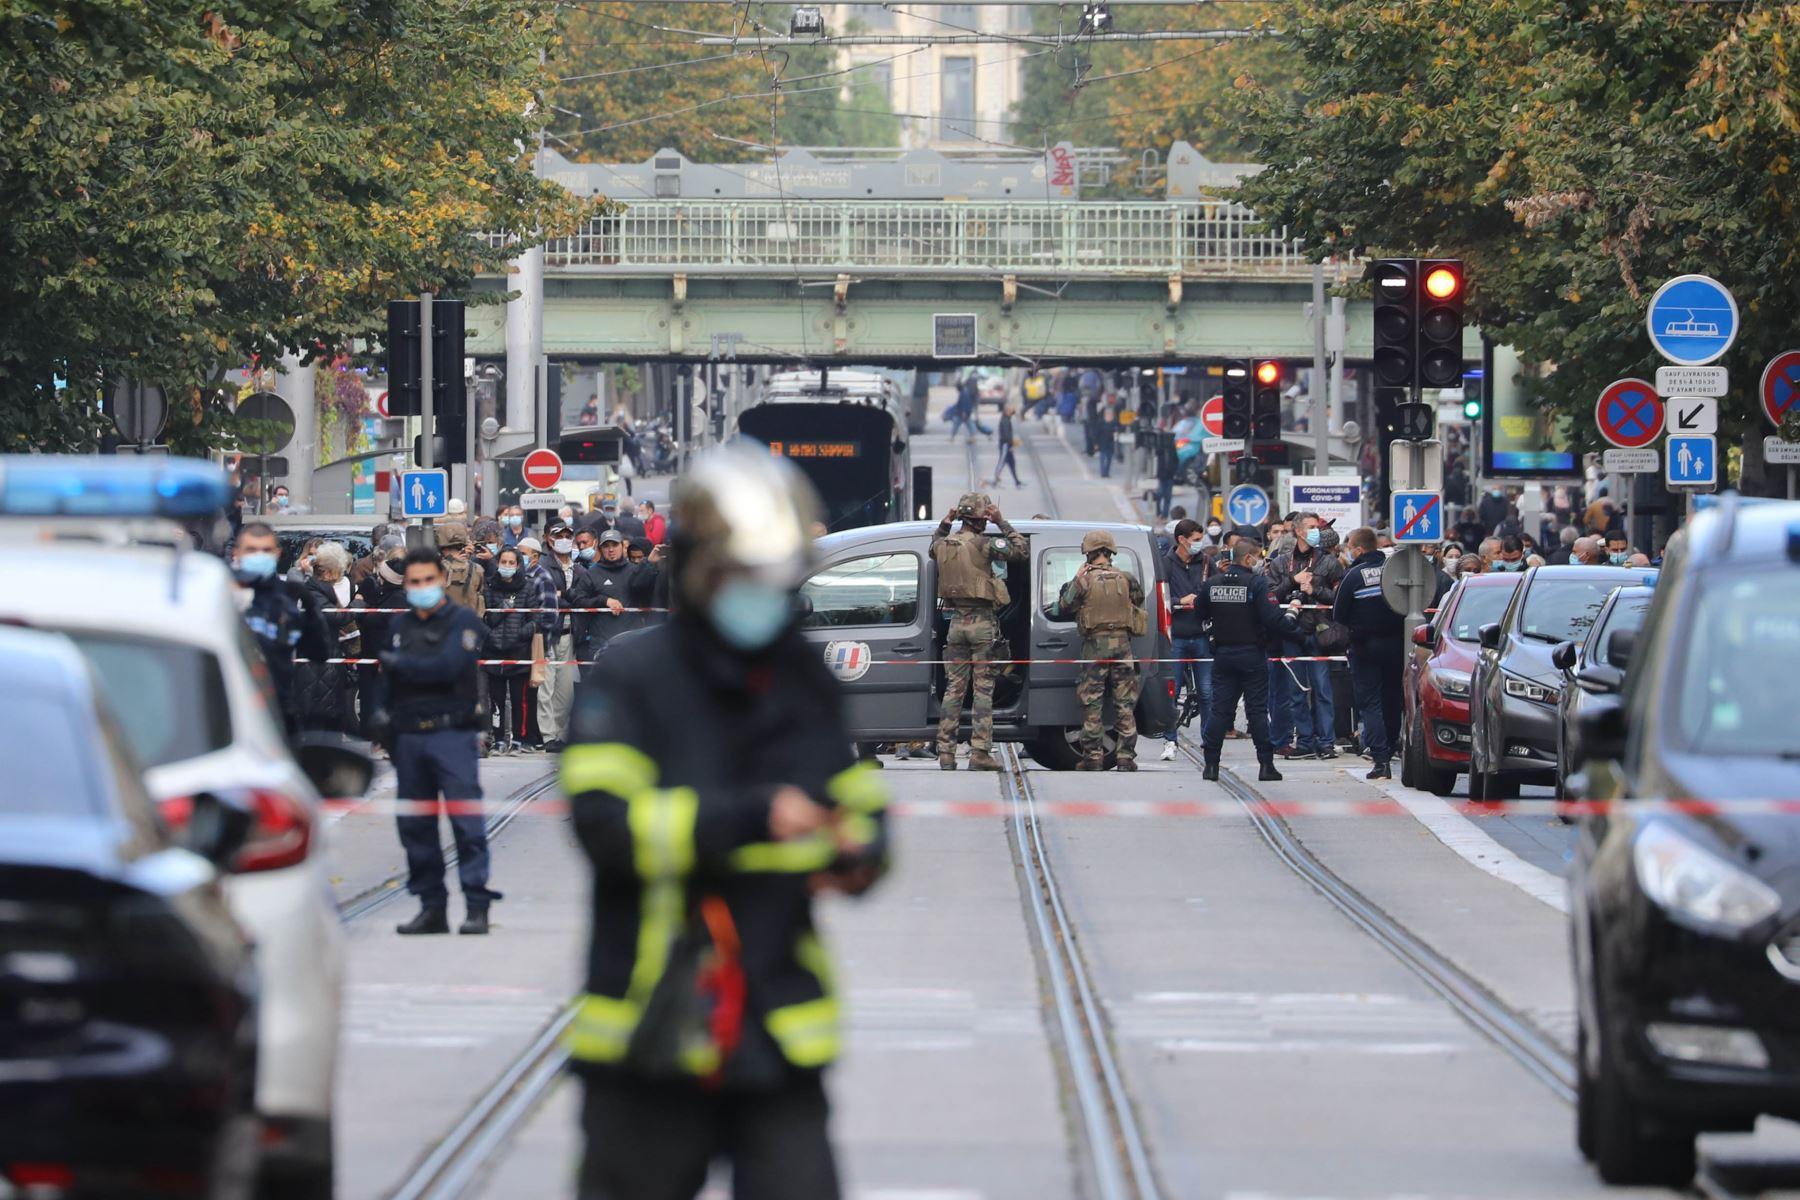 Miembros franceses de la unidad de policía táctica de élite RAID entran para registrar la Basílica de Notre-Dame de Nice mientras los agentes forenses esperan afuera después de un ataque con cuchillo. Foto: AFP